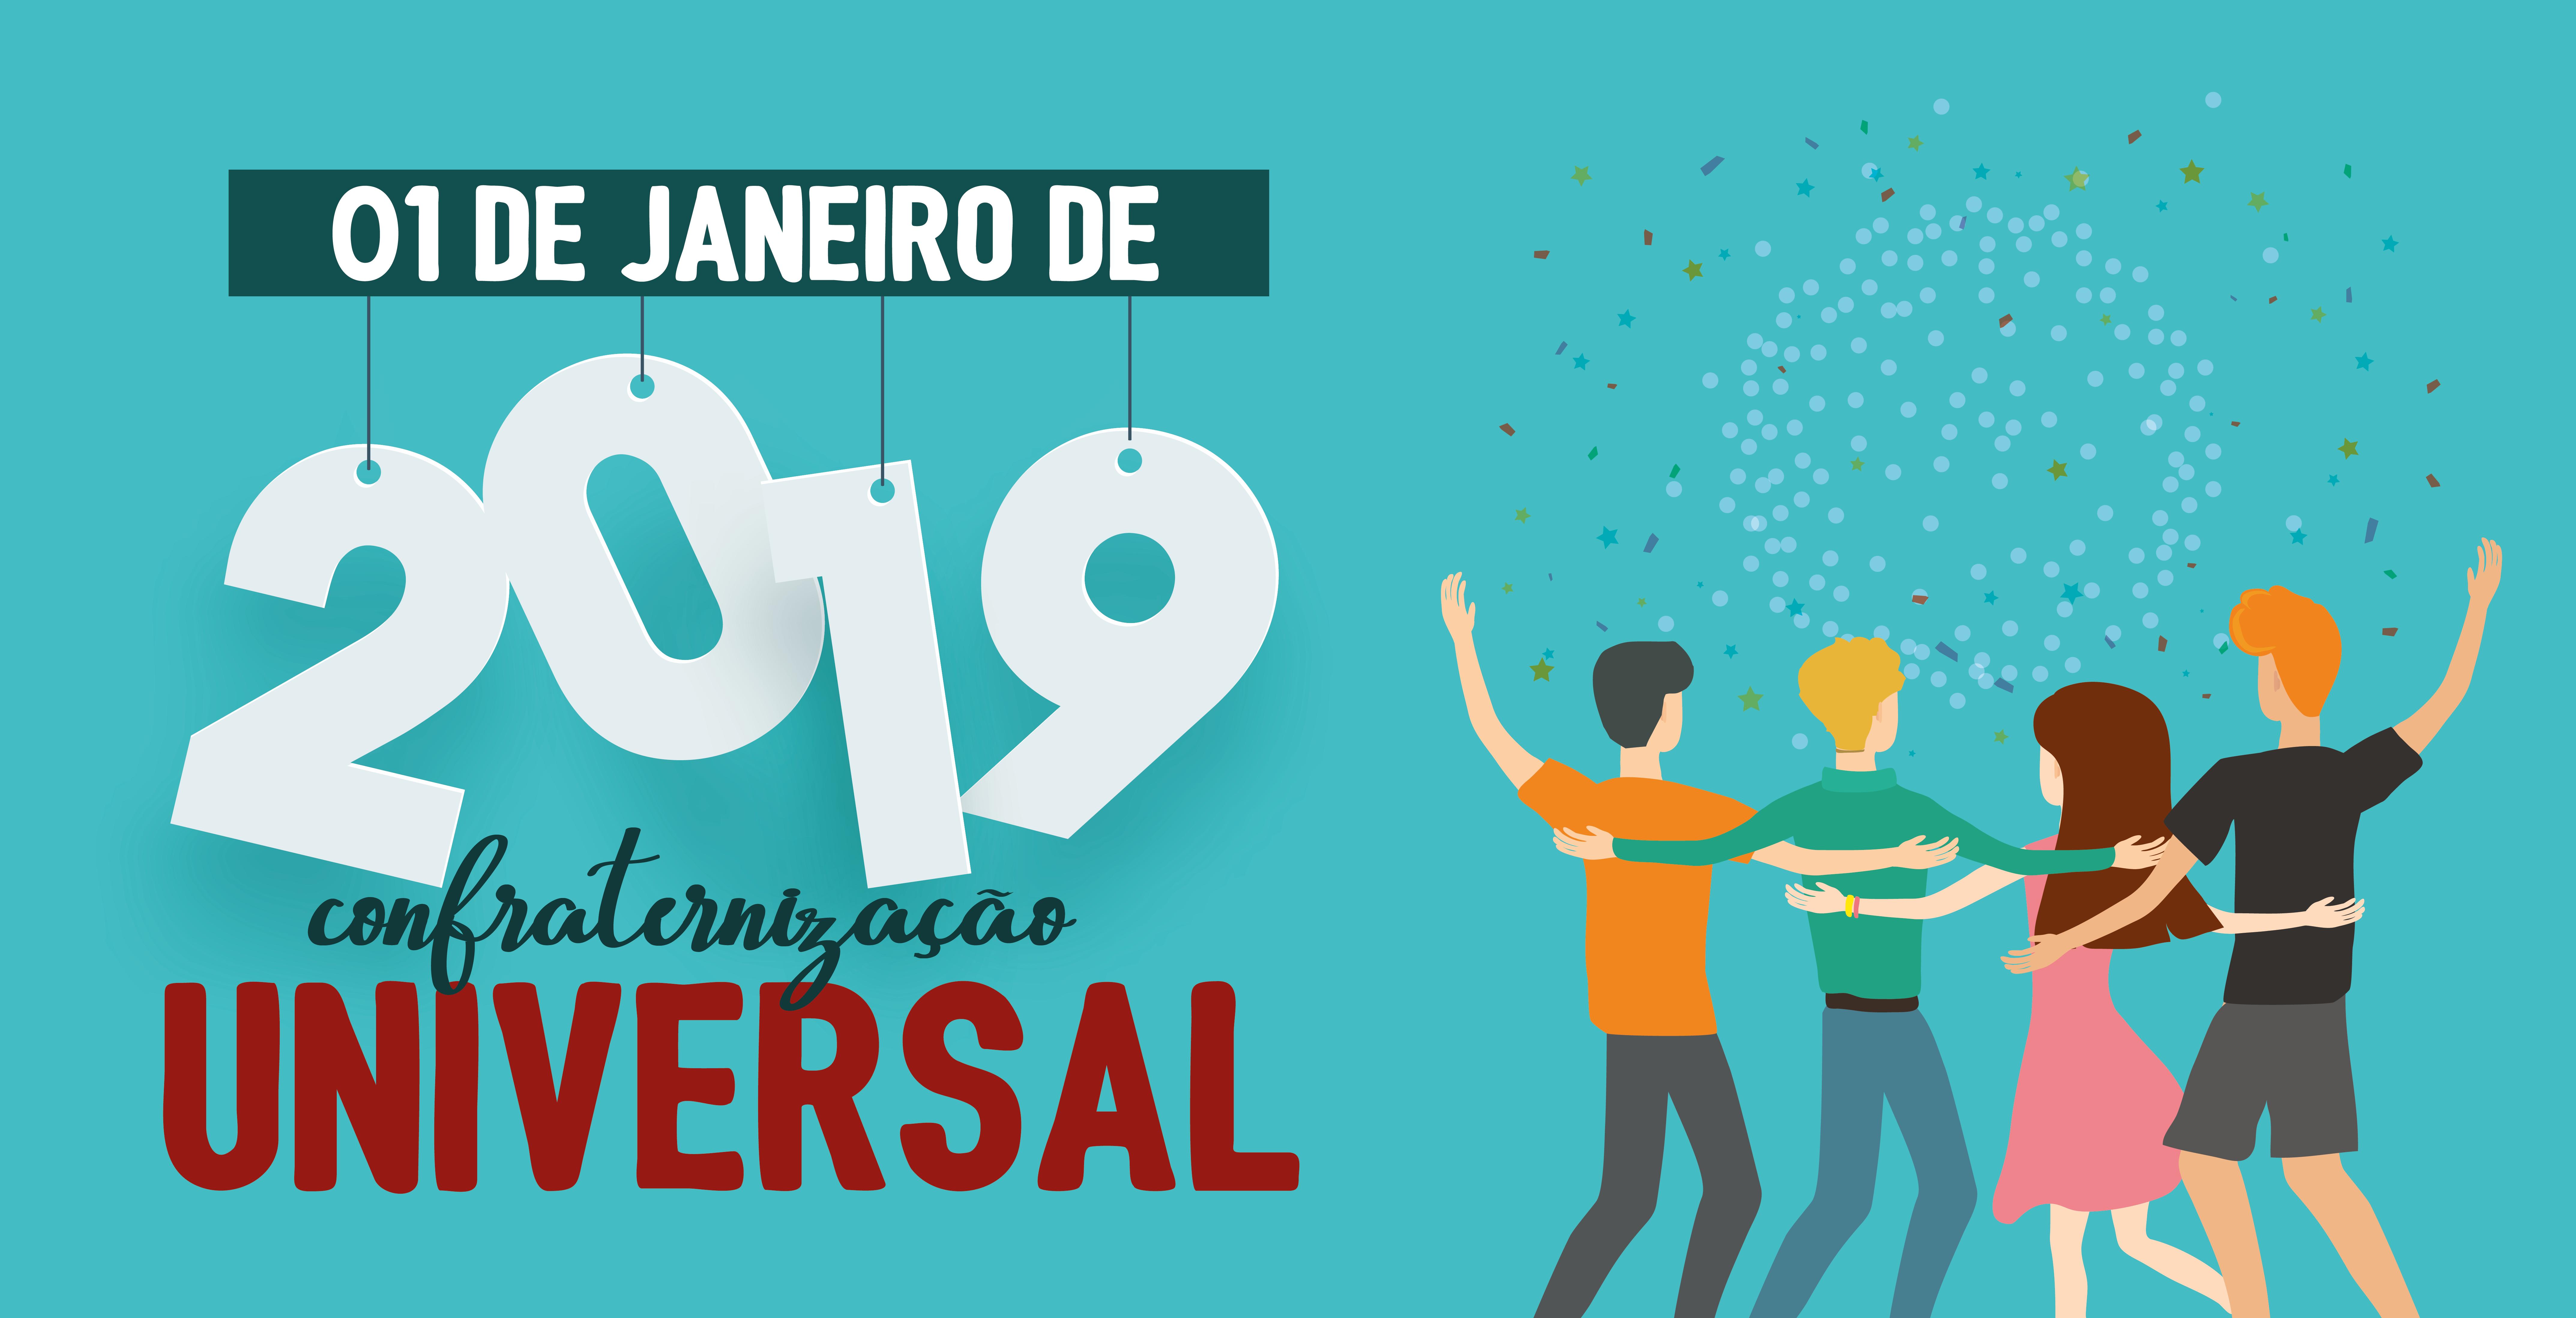 1º de janeiro Dia da Confraternização Universal